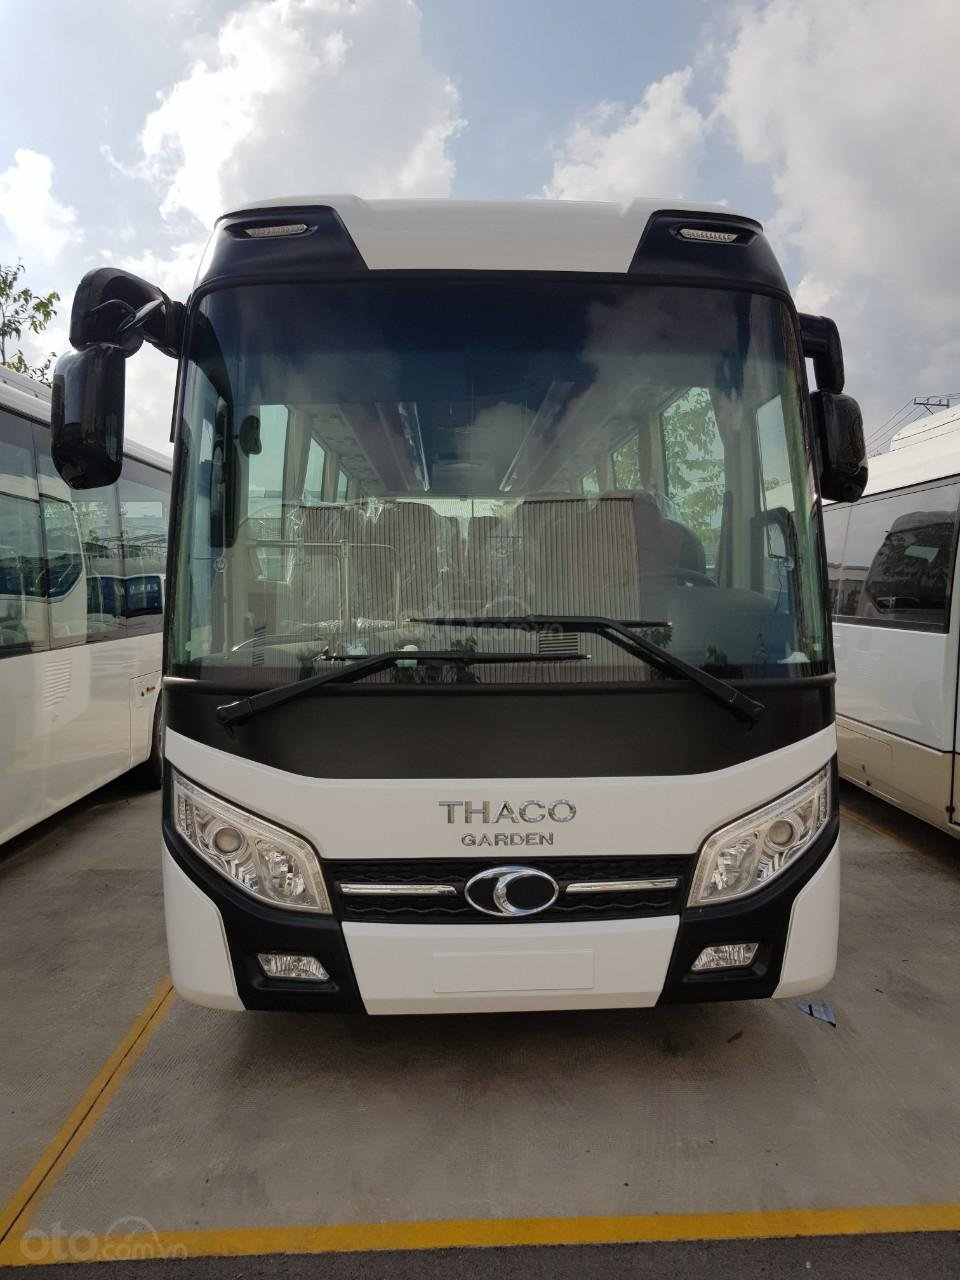 Thaco Garden TB79S bầu hơi 2019, 29 chỗ mâm nhôm, ABS, bầu hơi, trả góp 70%, LH 0938 900 846 (5)